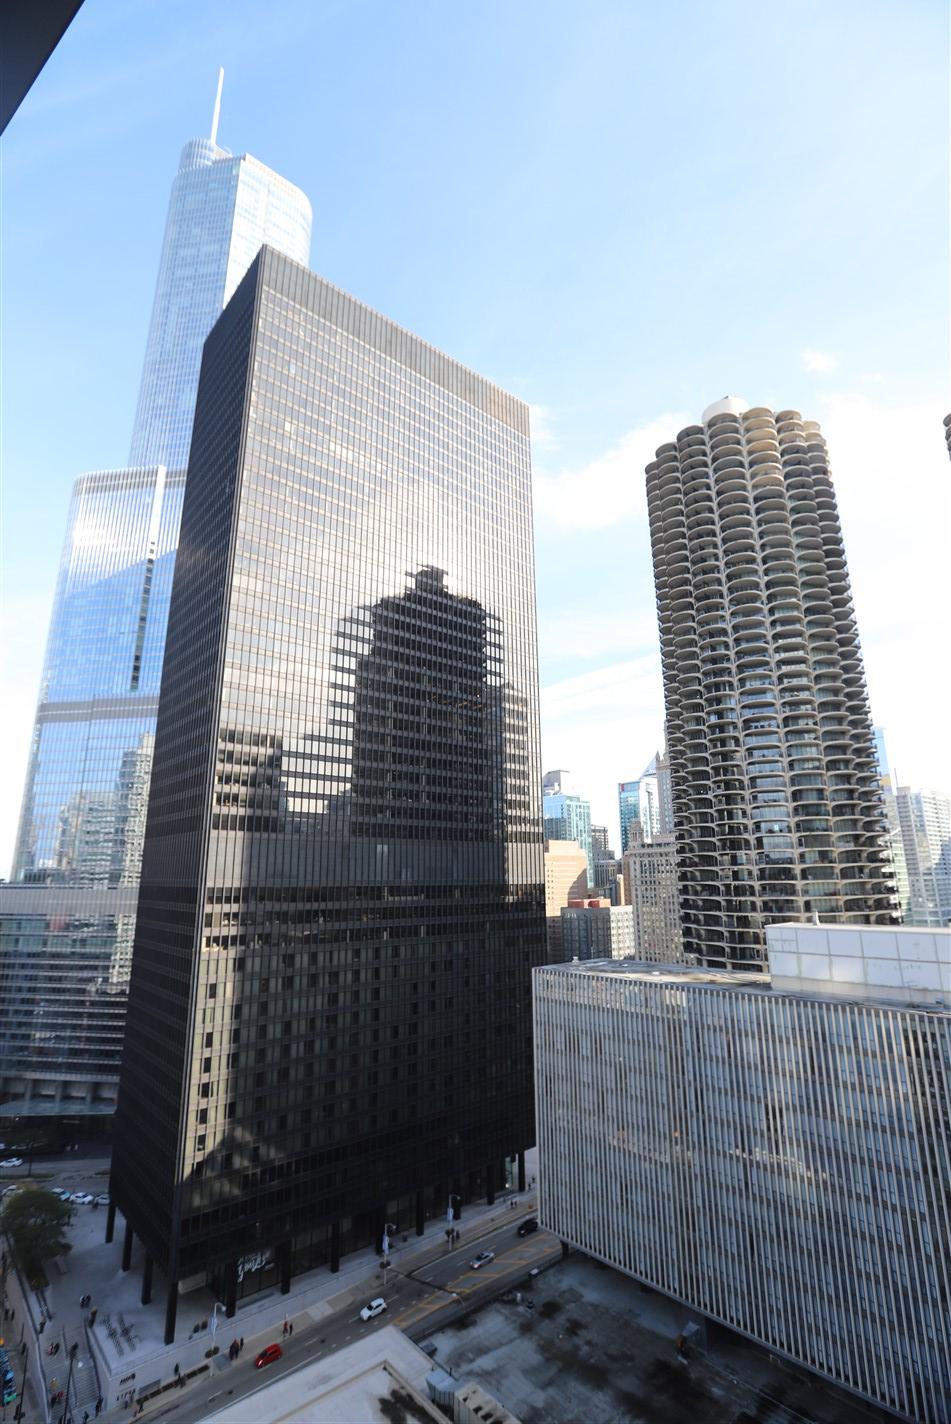 2018 10 13 275 Chicago Open House.jpg